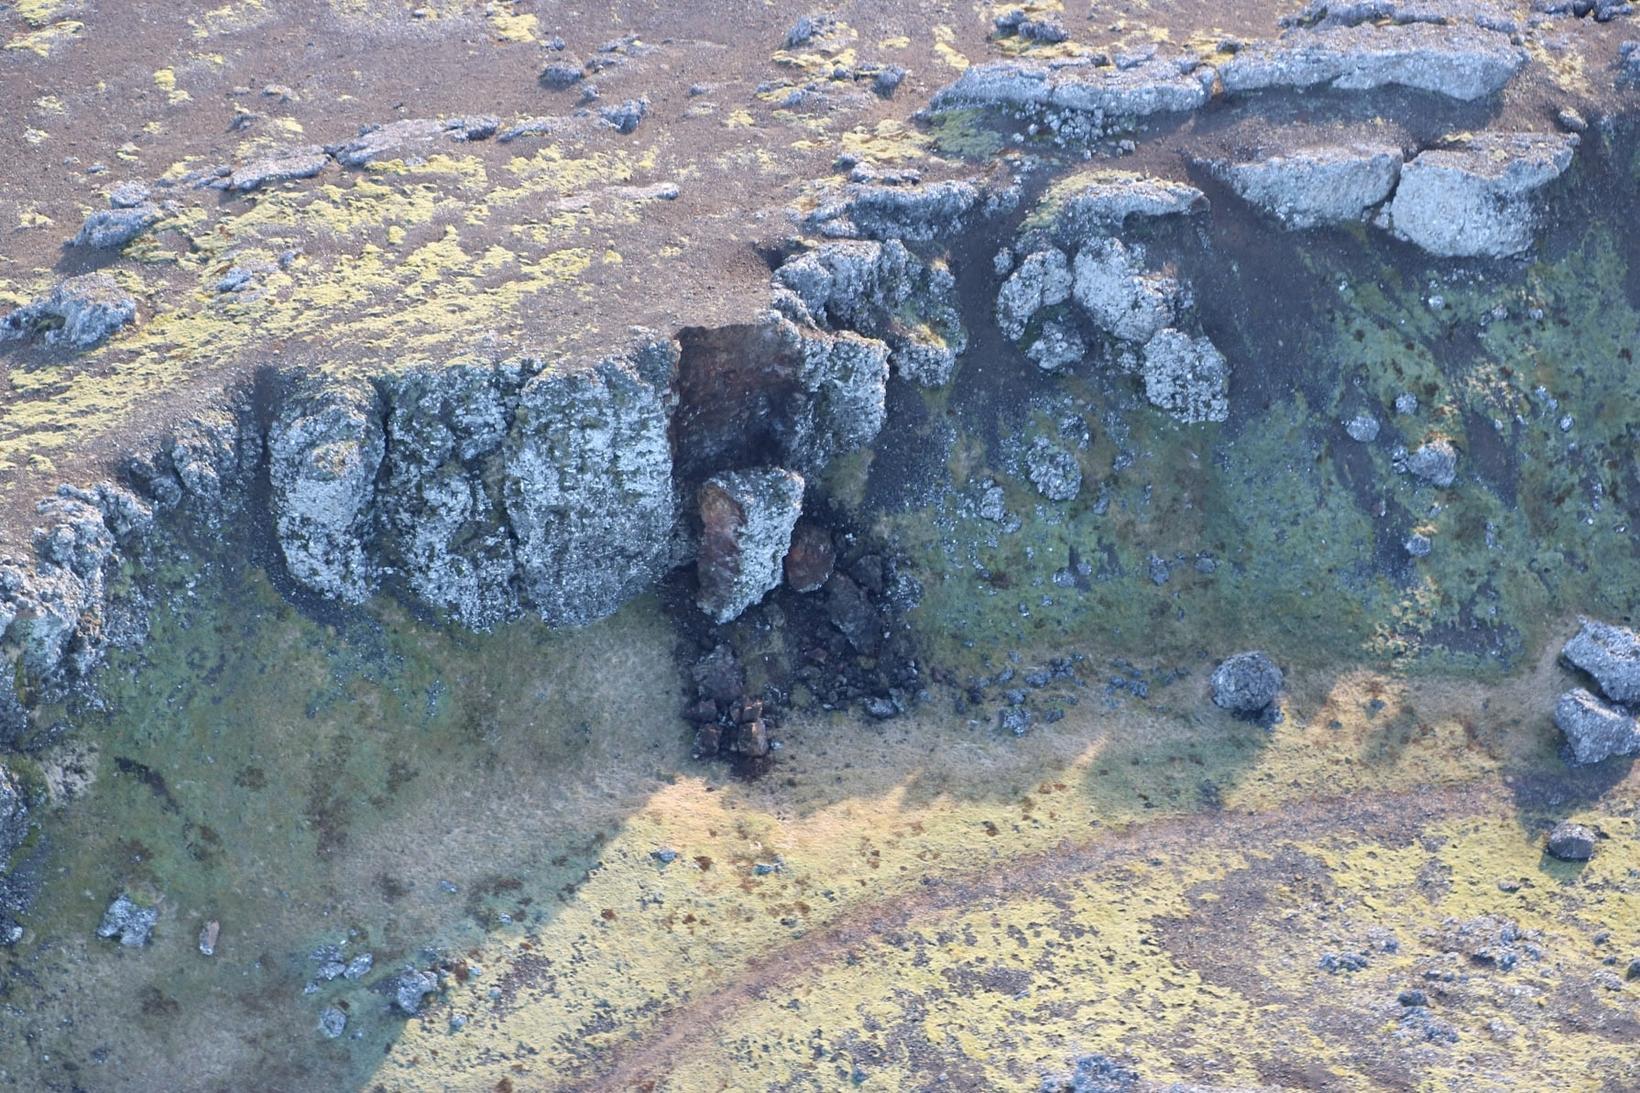 Fallen rocks in the Reykjanes peninsula.